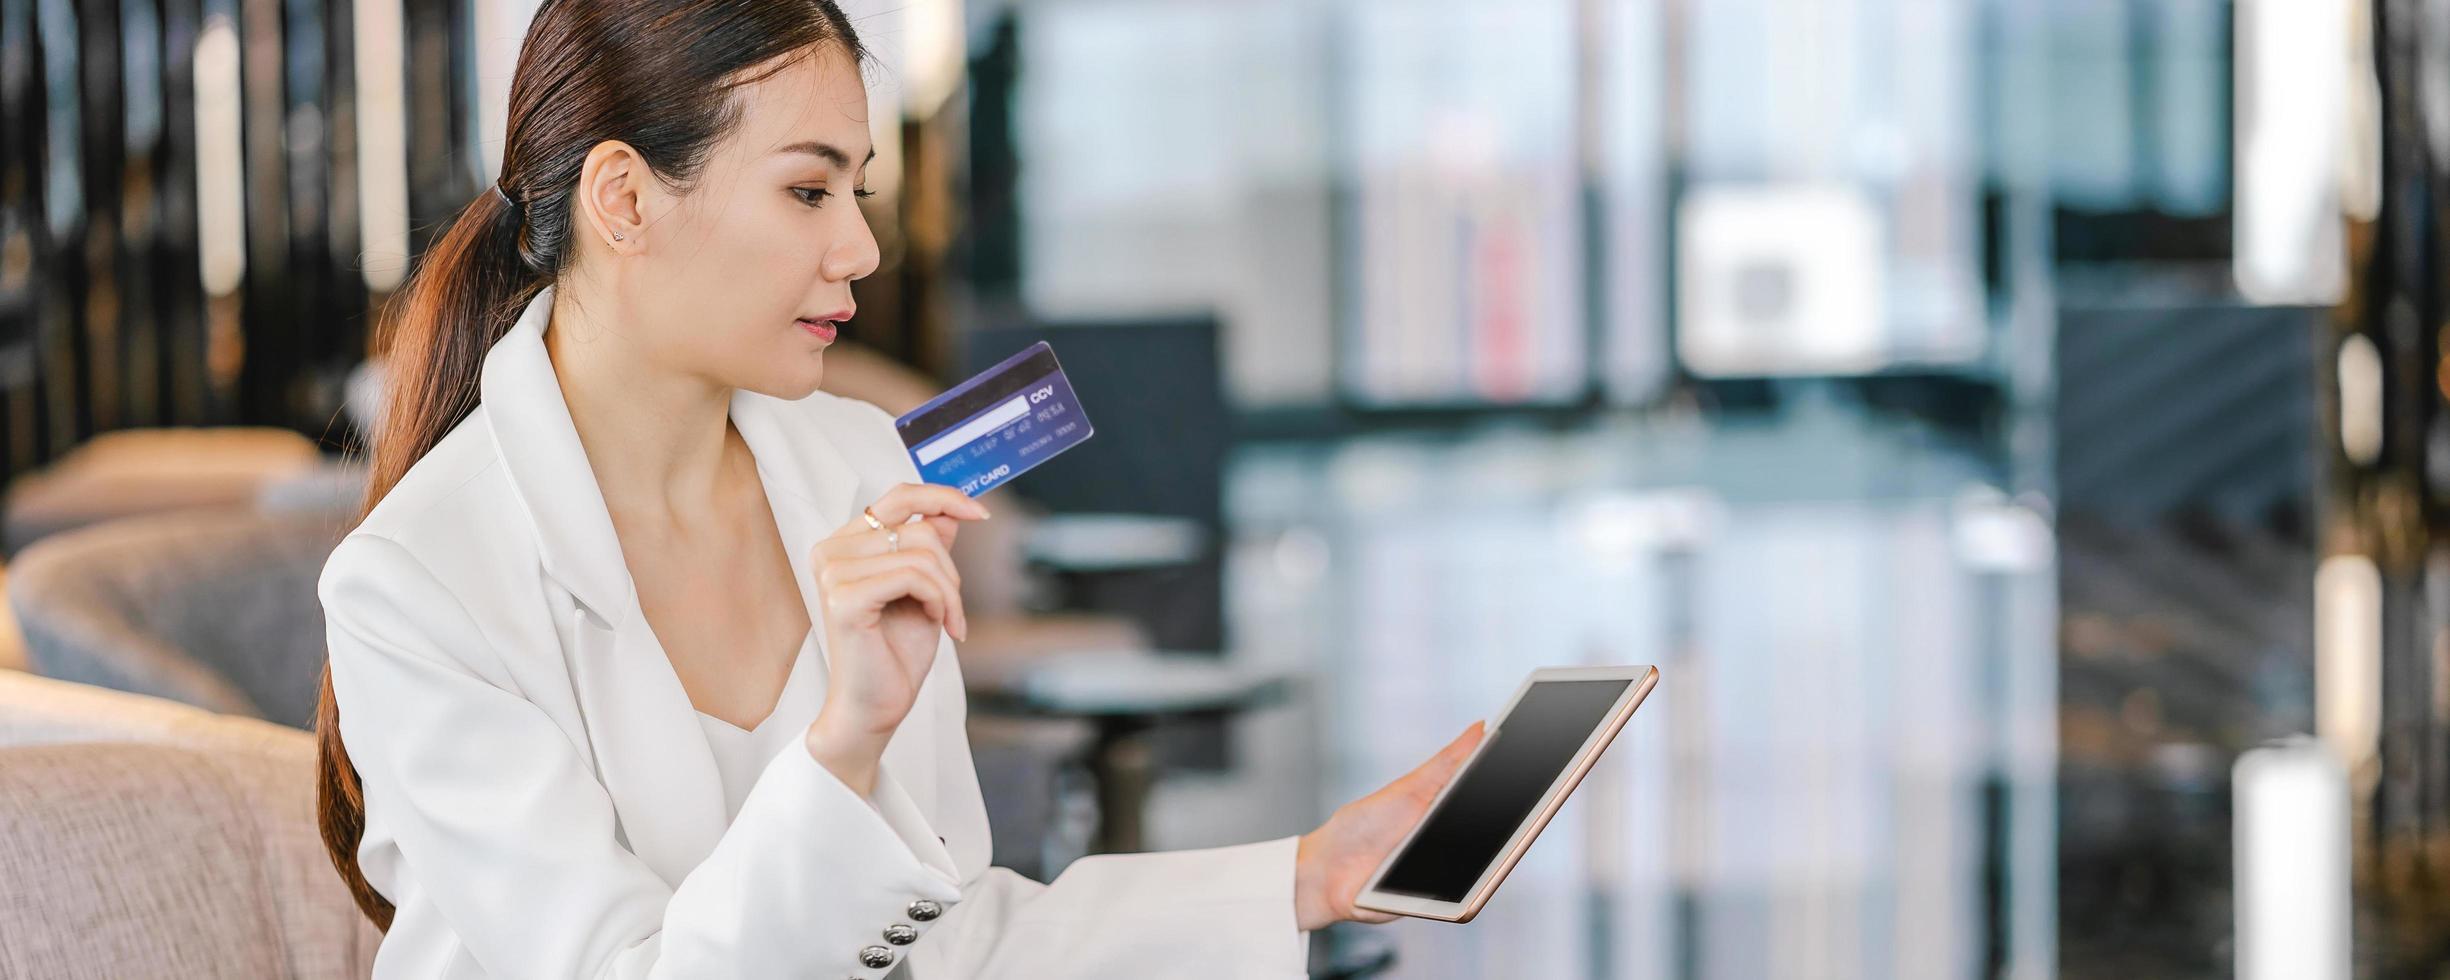 Una mujer asiática con tarjeta de crédito para compras en línea en el vestíbulo foto